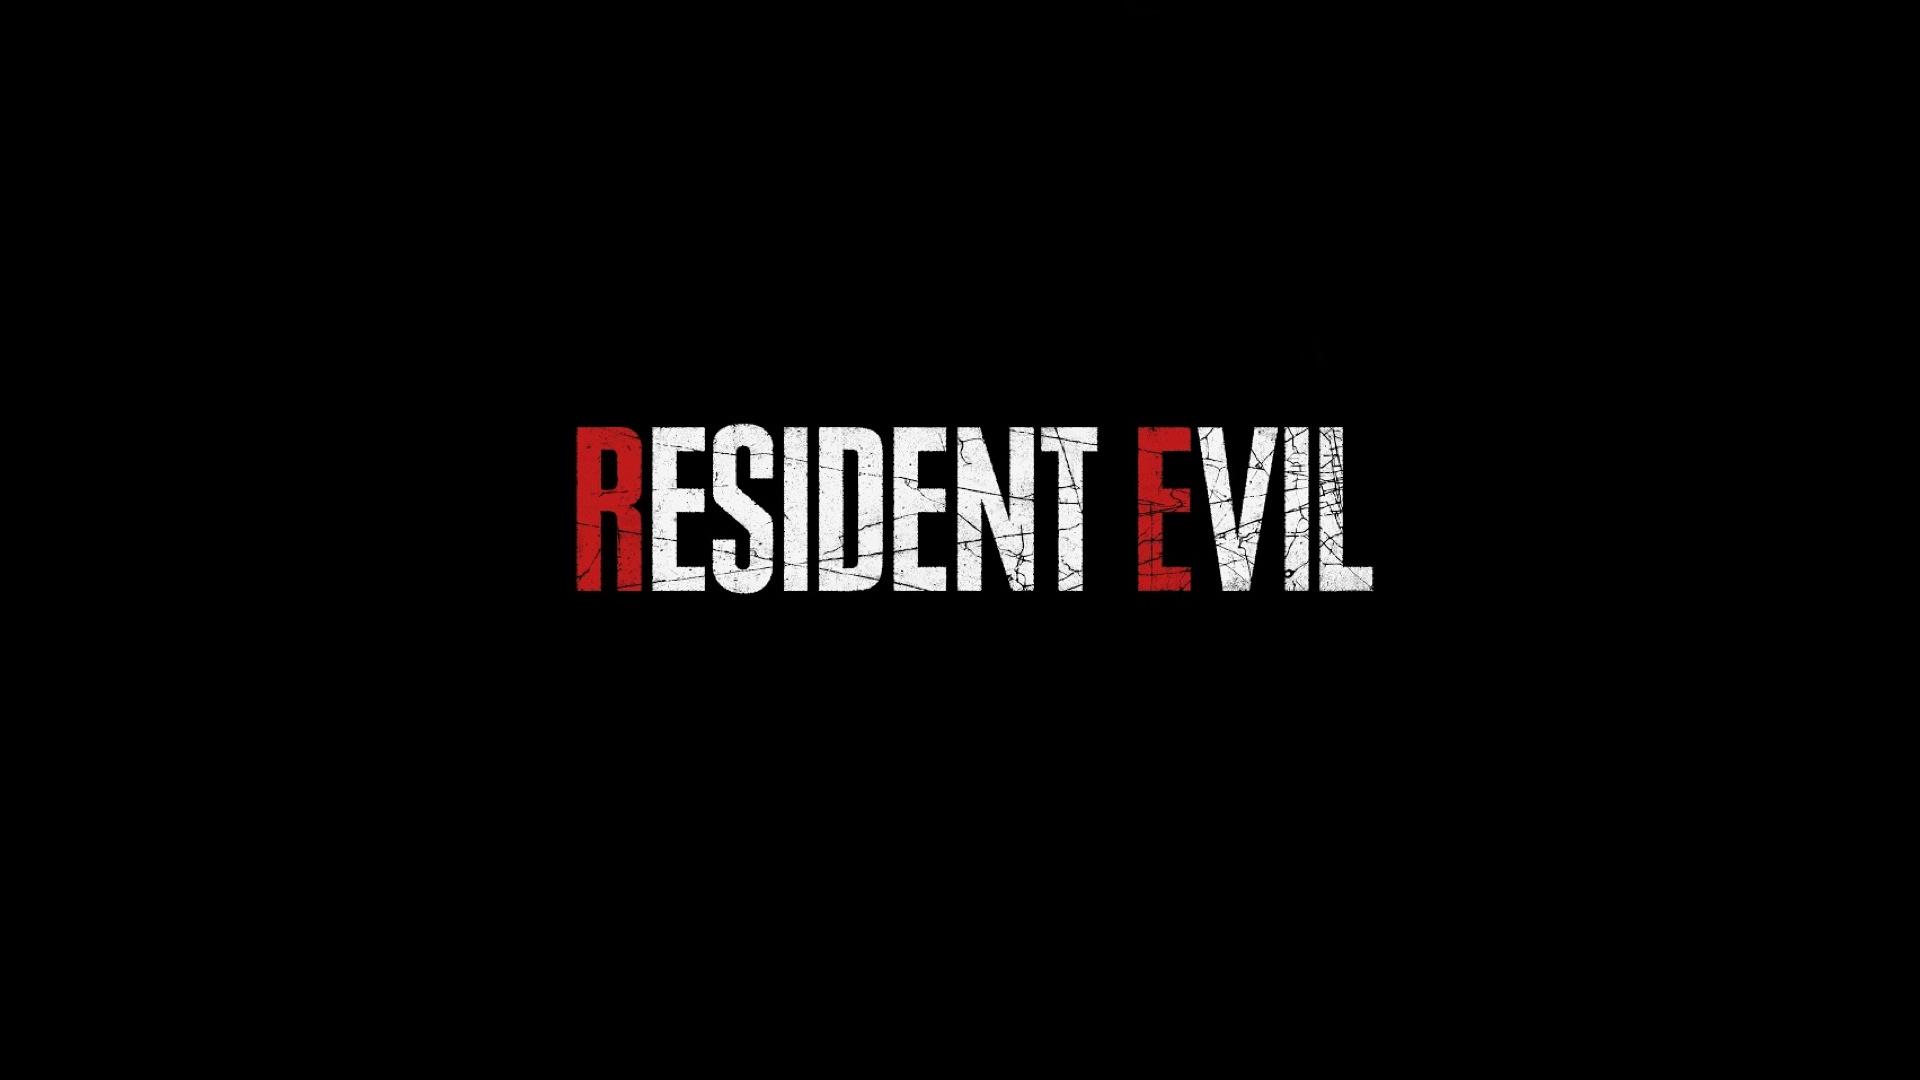 بازی resident evil outrage